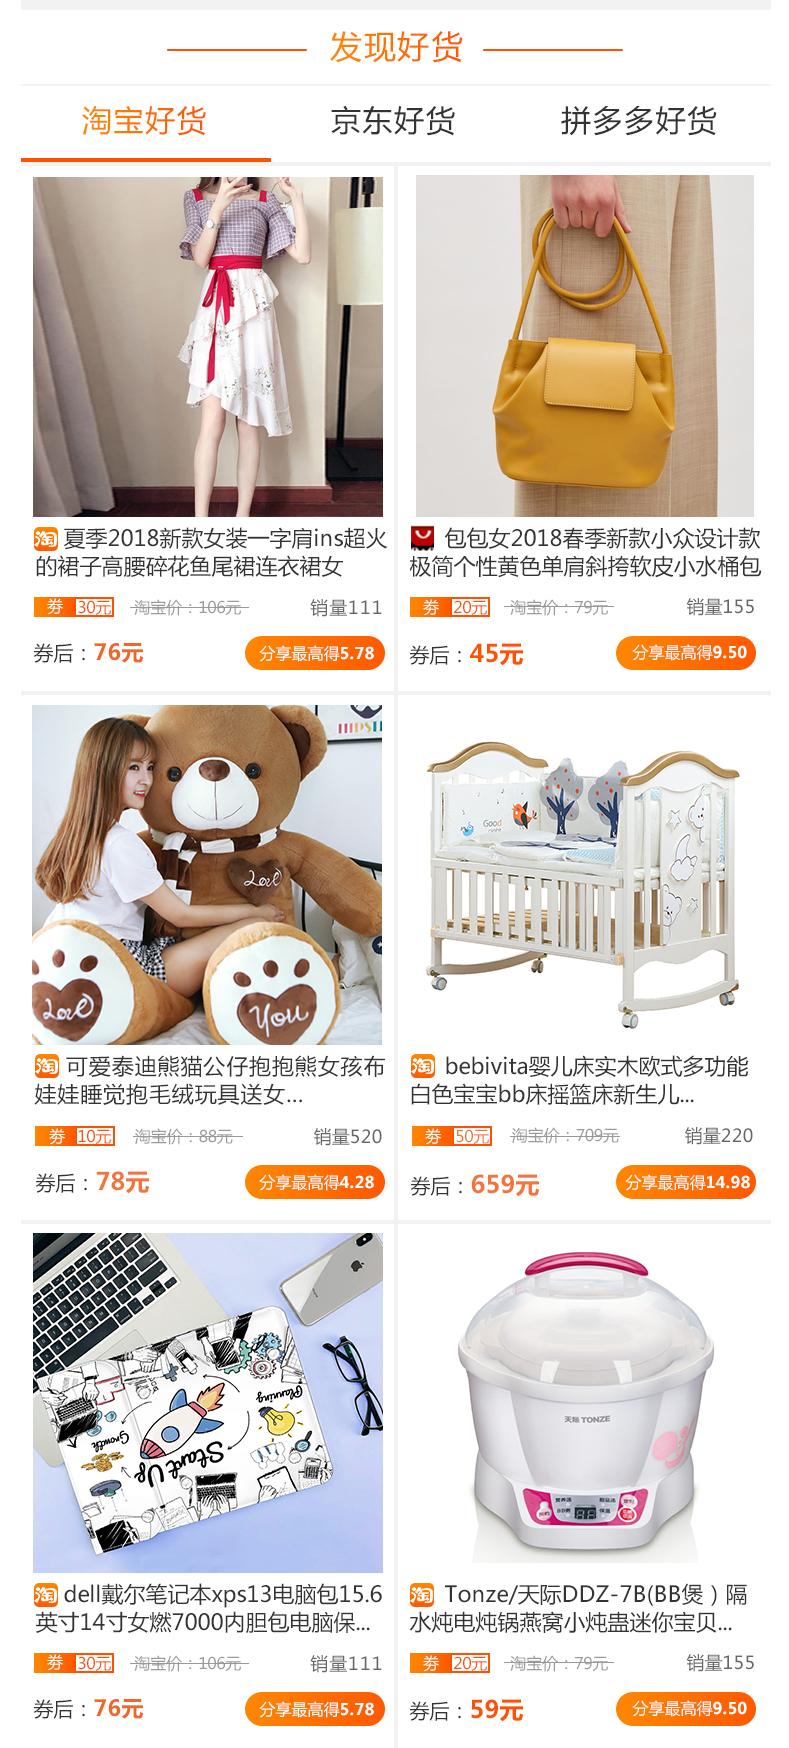 京淘尚品是一款购物不剁手,躺着赚大钱的购物神器!